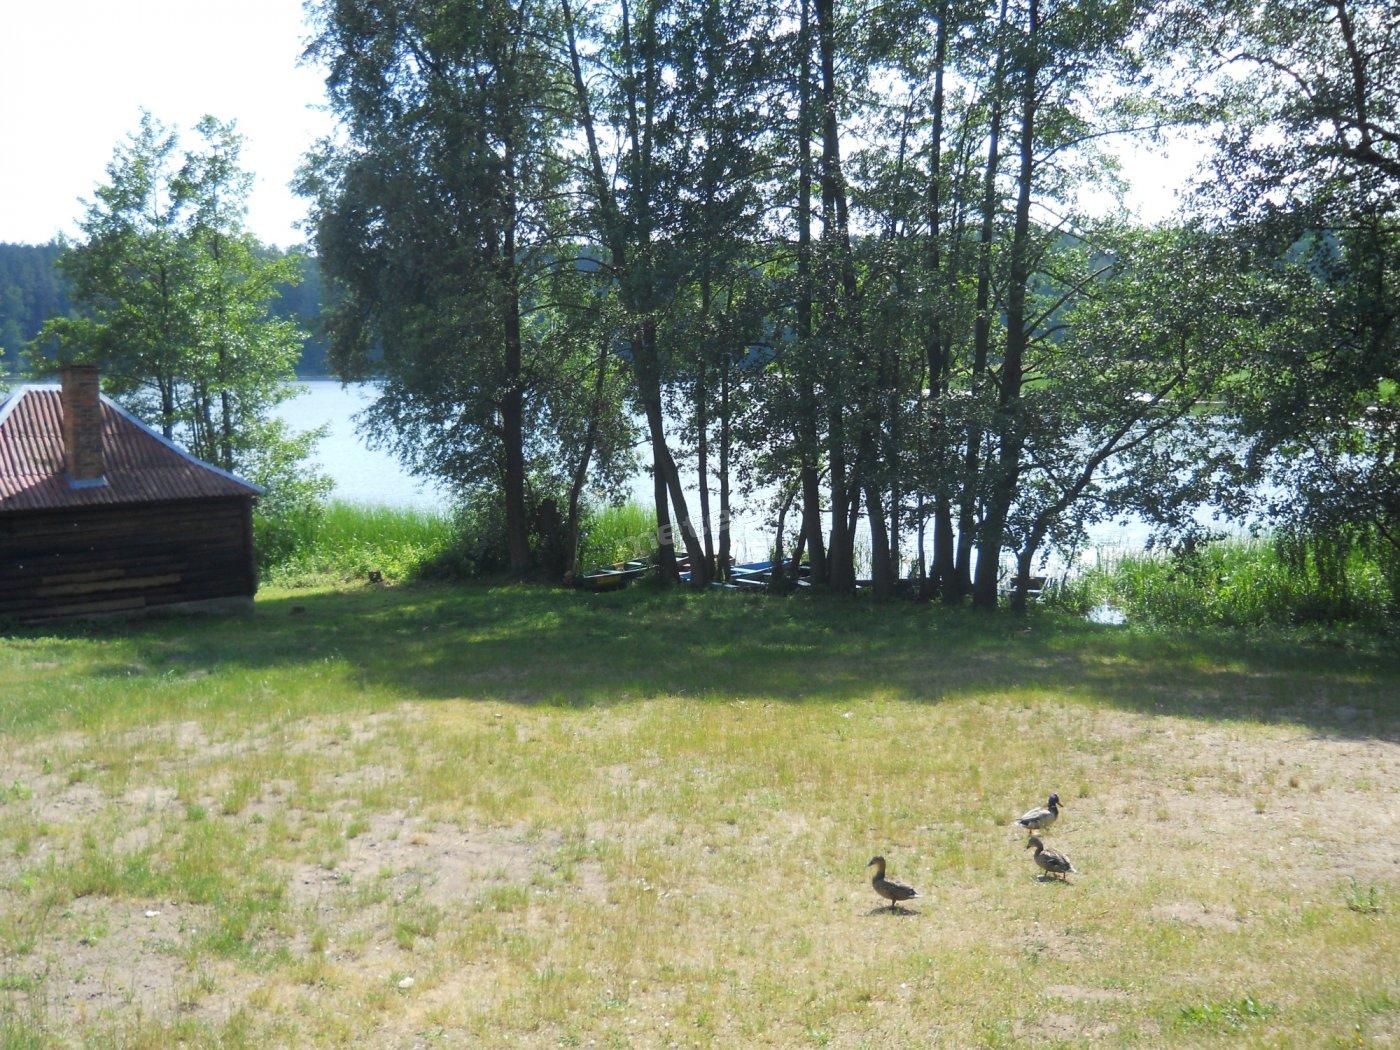 wypoczynek pośród lasów jezior i ptaków